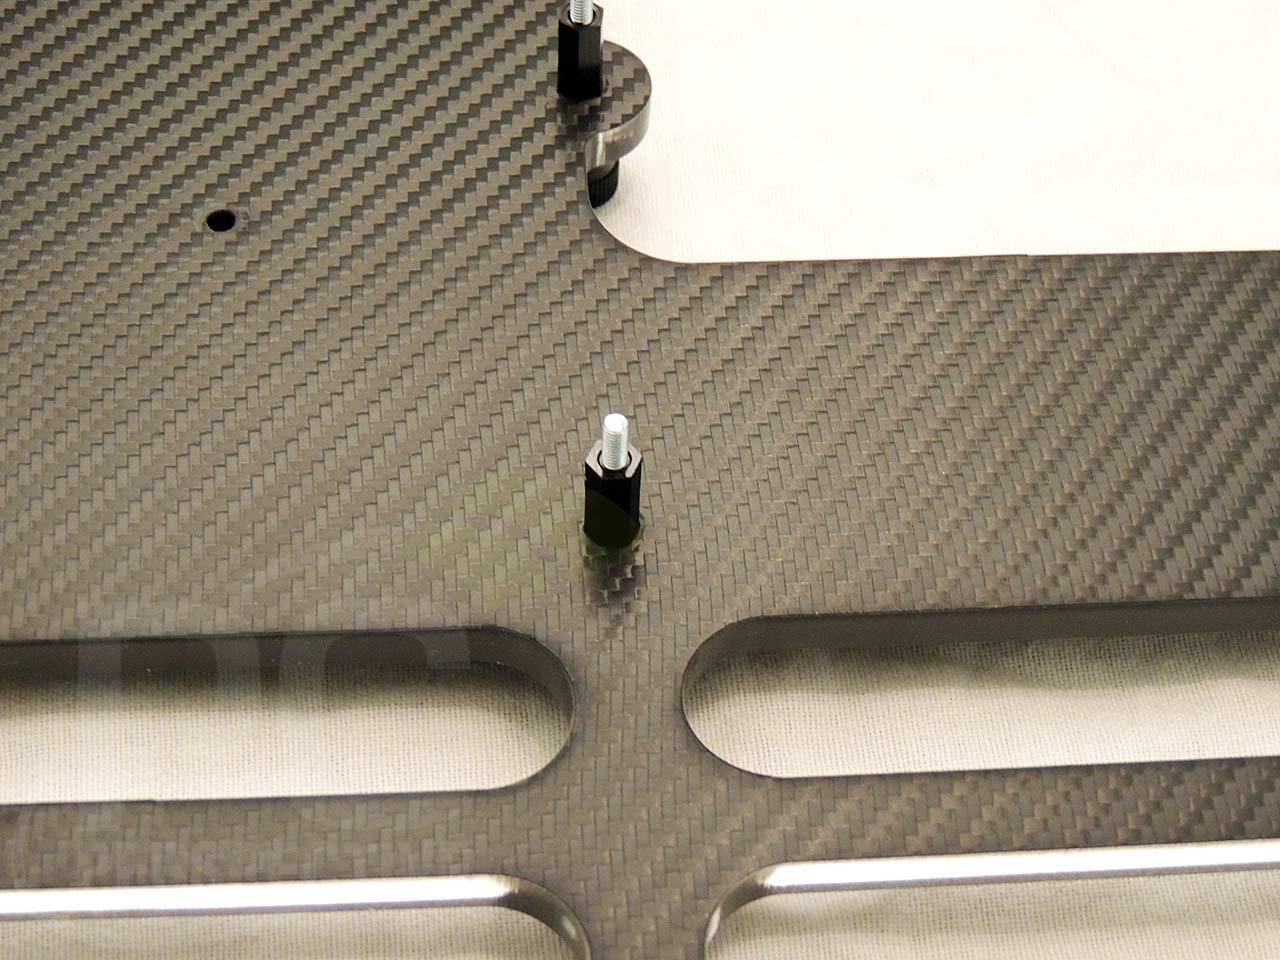 03-mb-tray-mb-mount-closeup.jpg